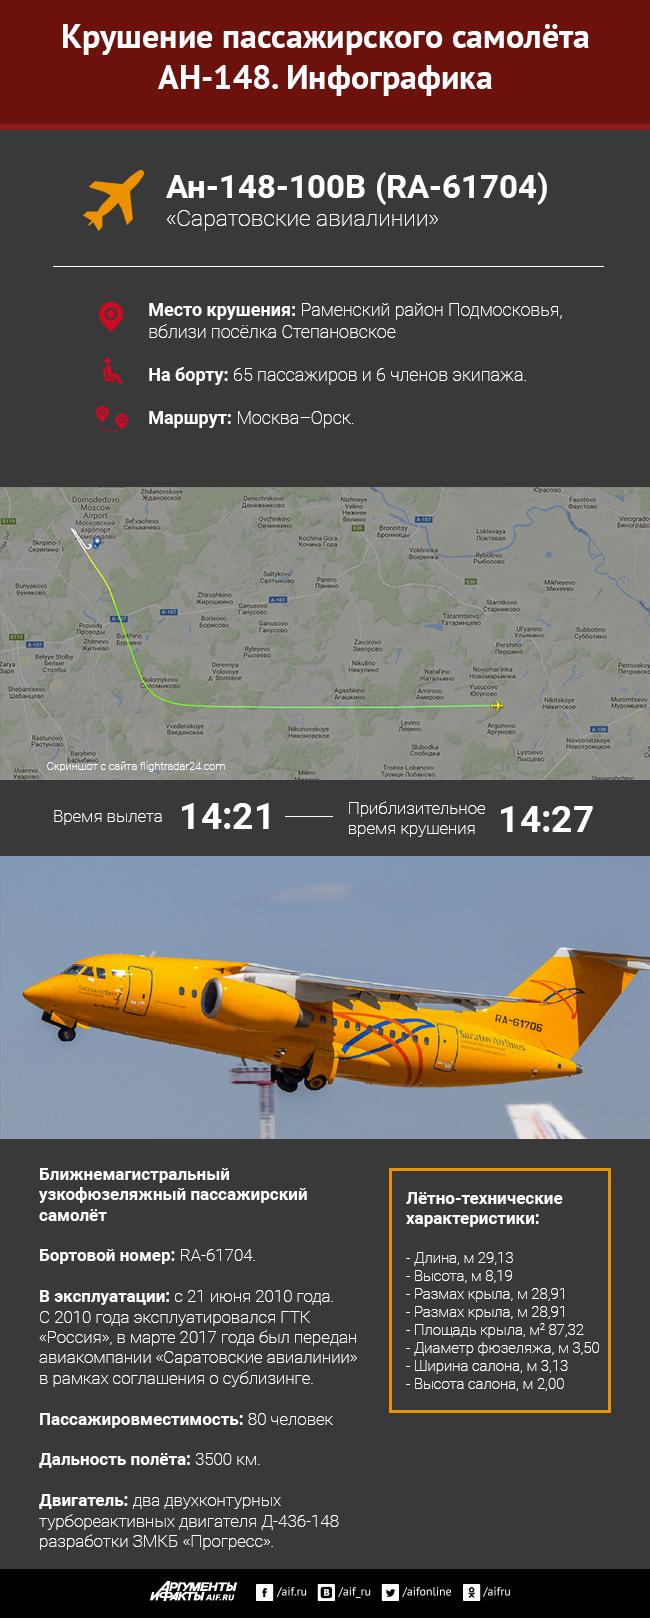 Крушение пассажирского самолёта Ан-148 в Подмосковье. Инфографика 3